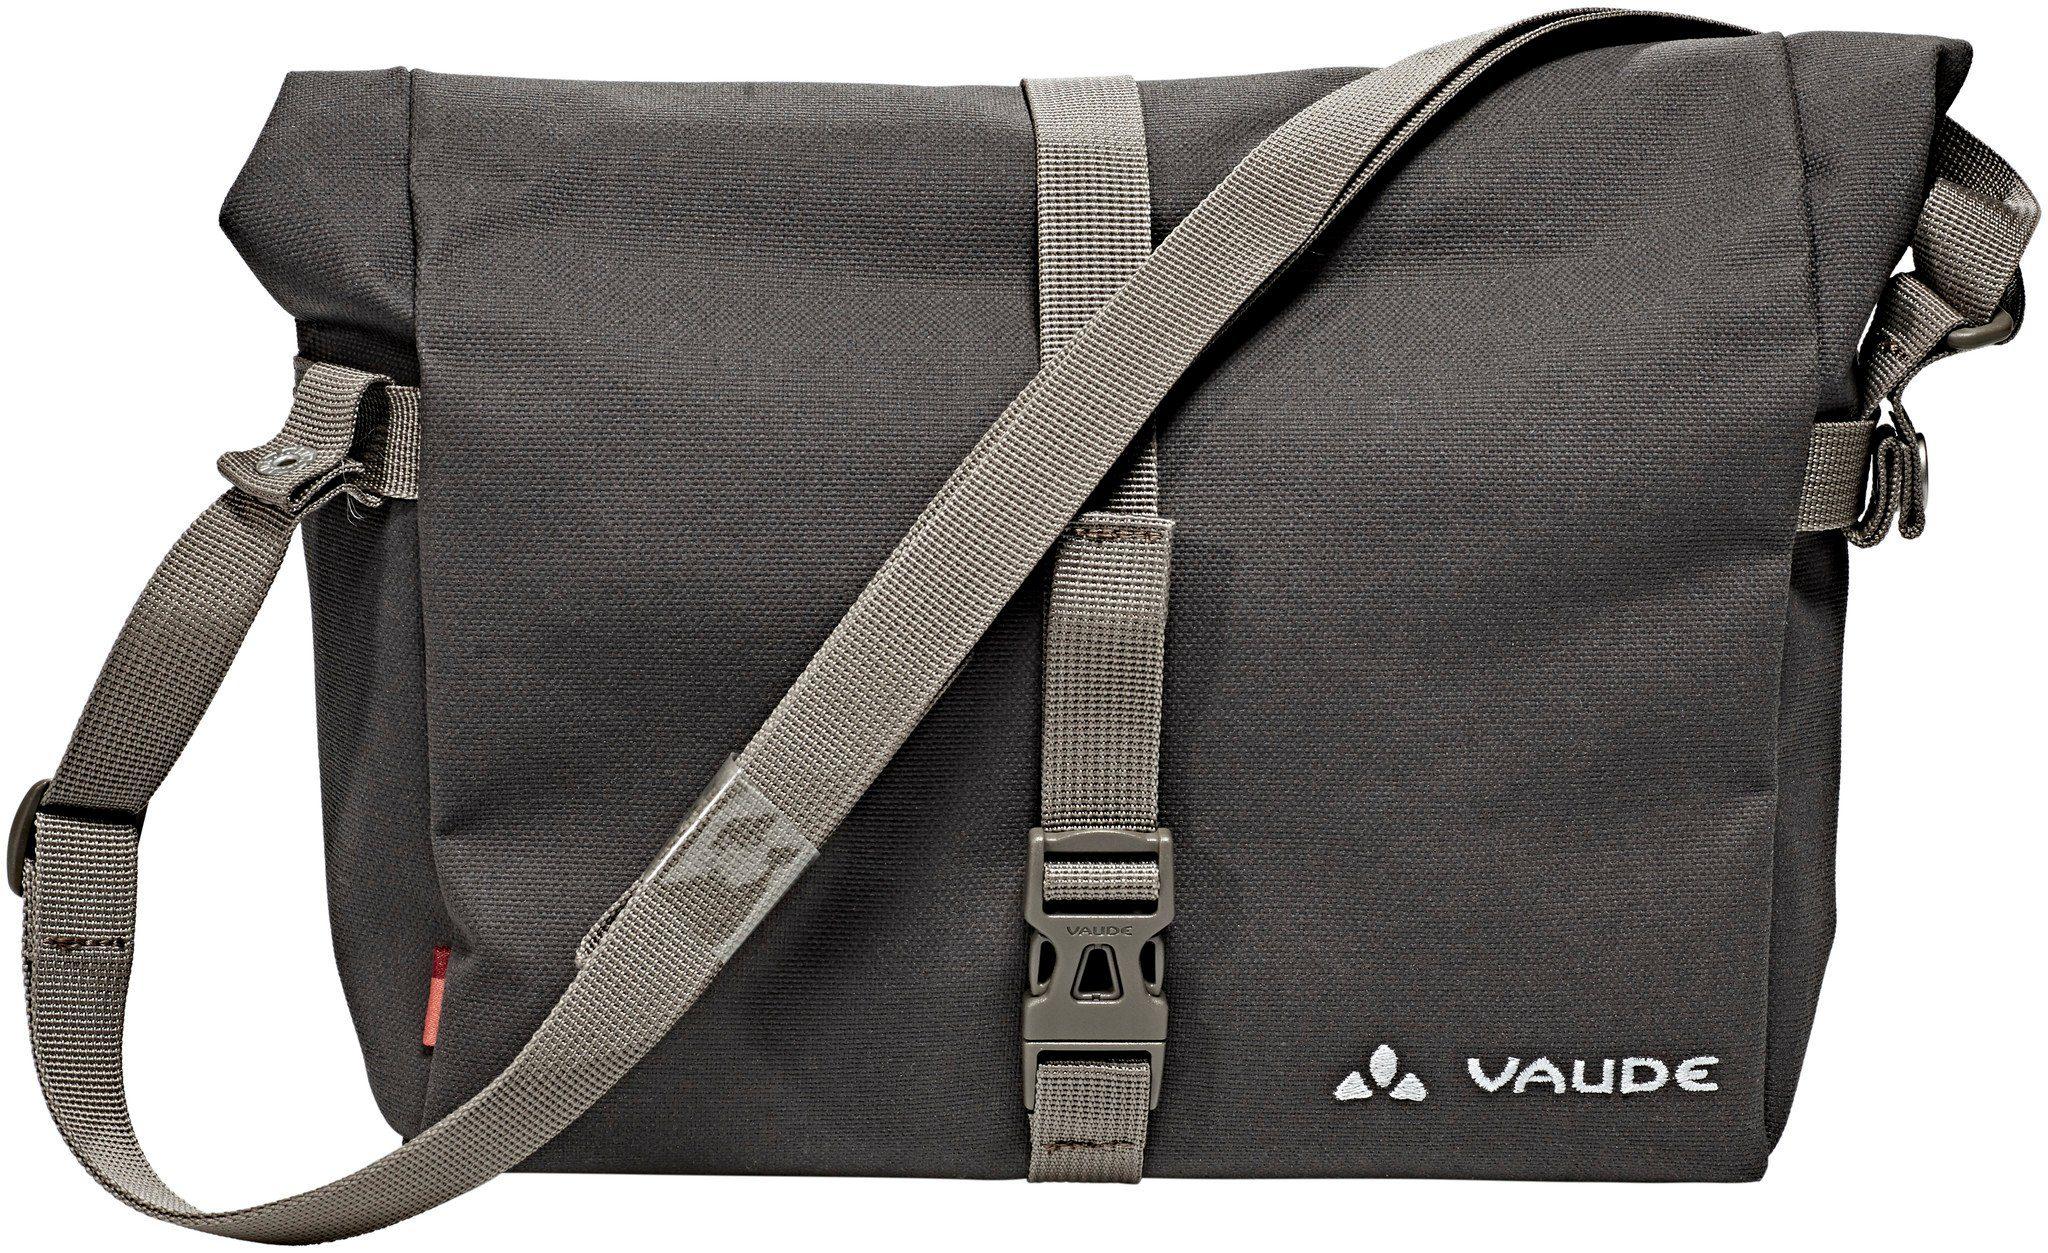 VAUDE Fahrradtasche »ShopAir Box Handlebar Bag«